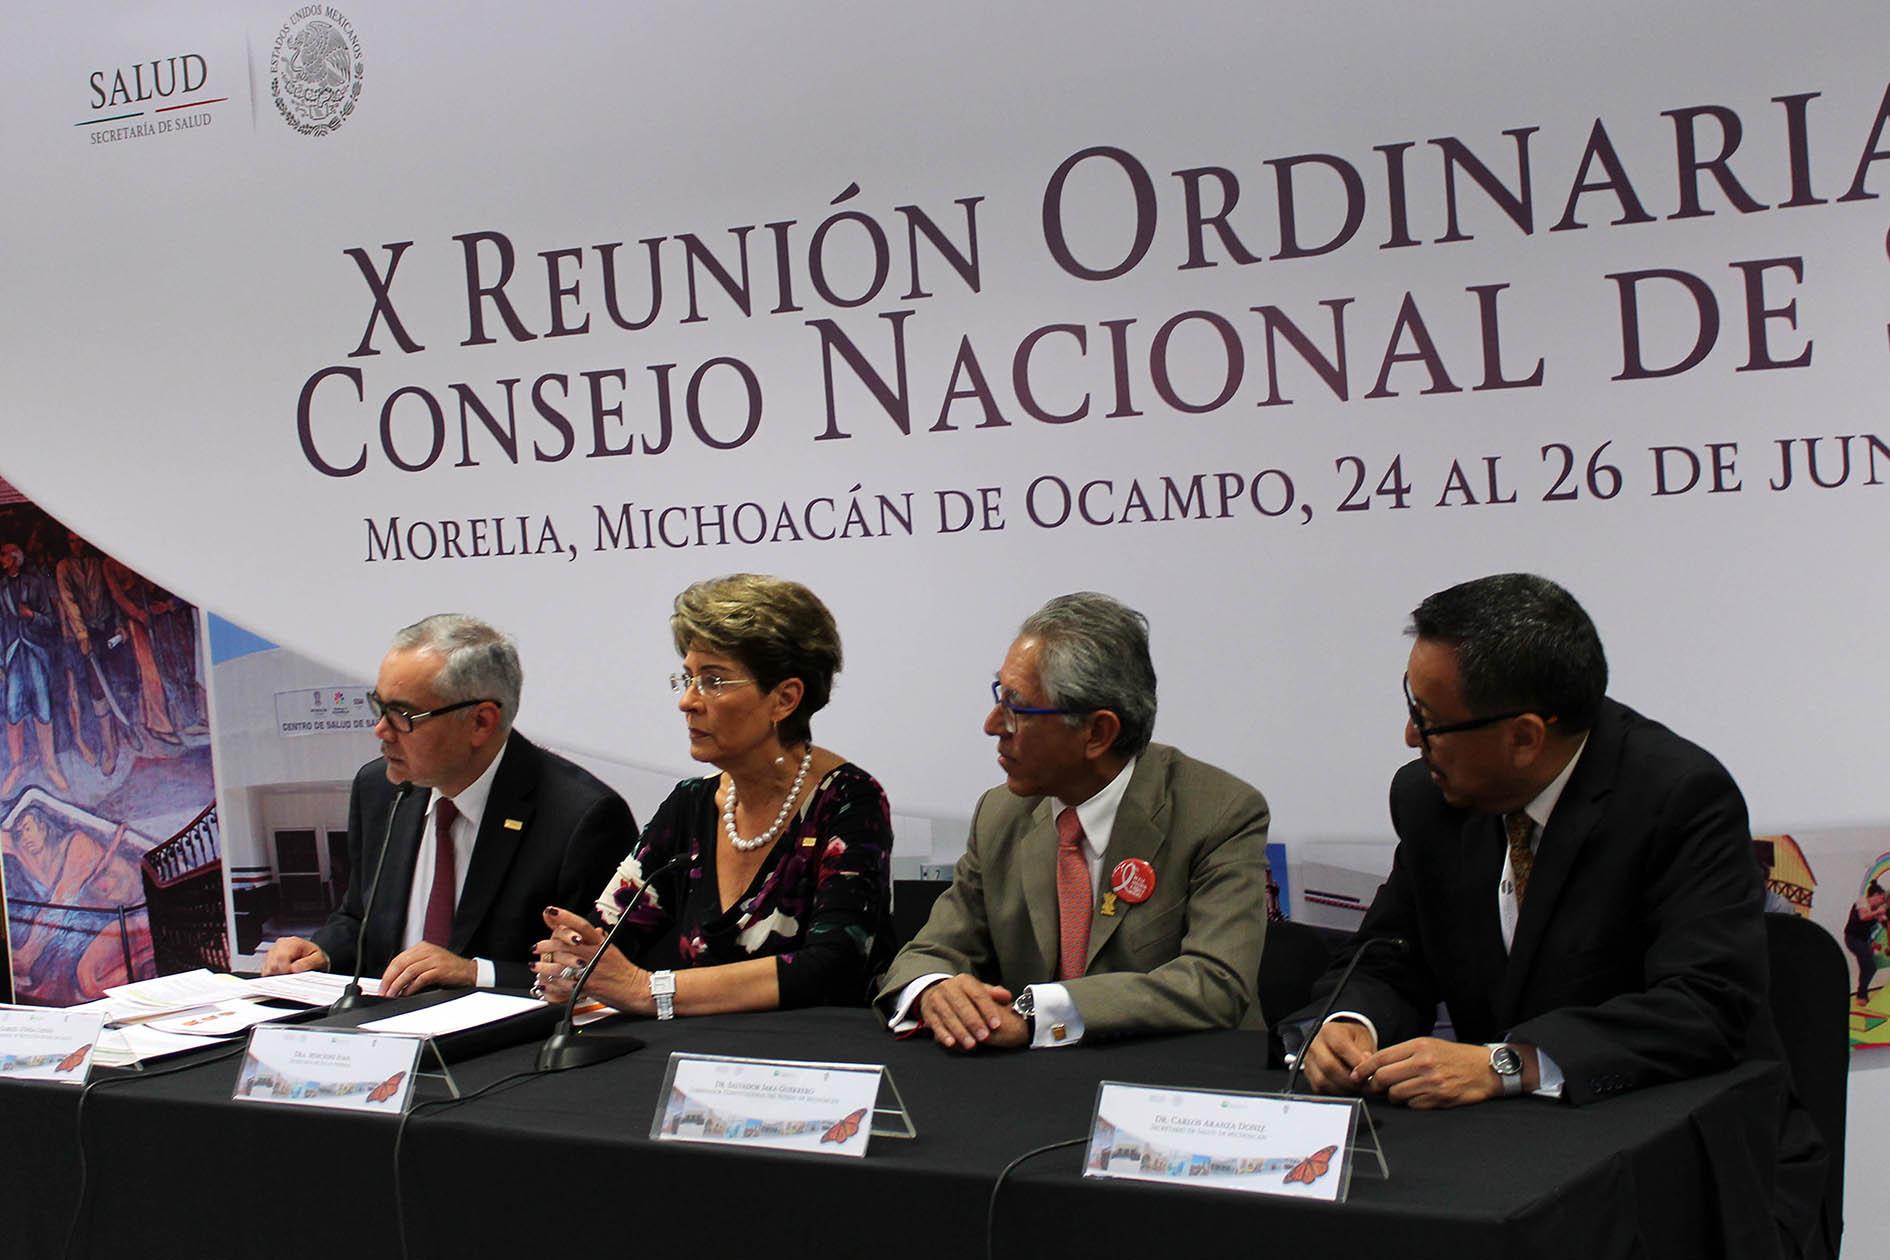 X Reunión Ordinaria del Consejo Nacional de Salud